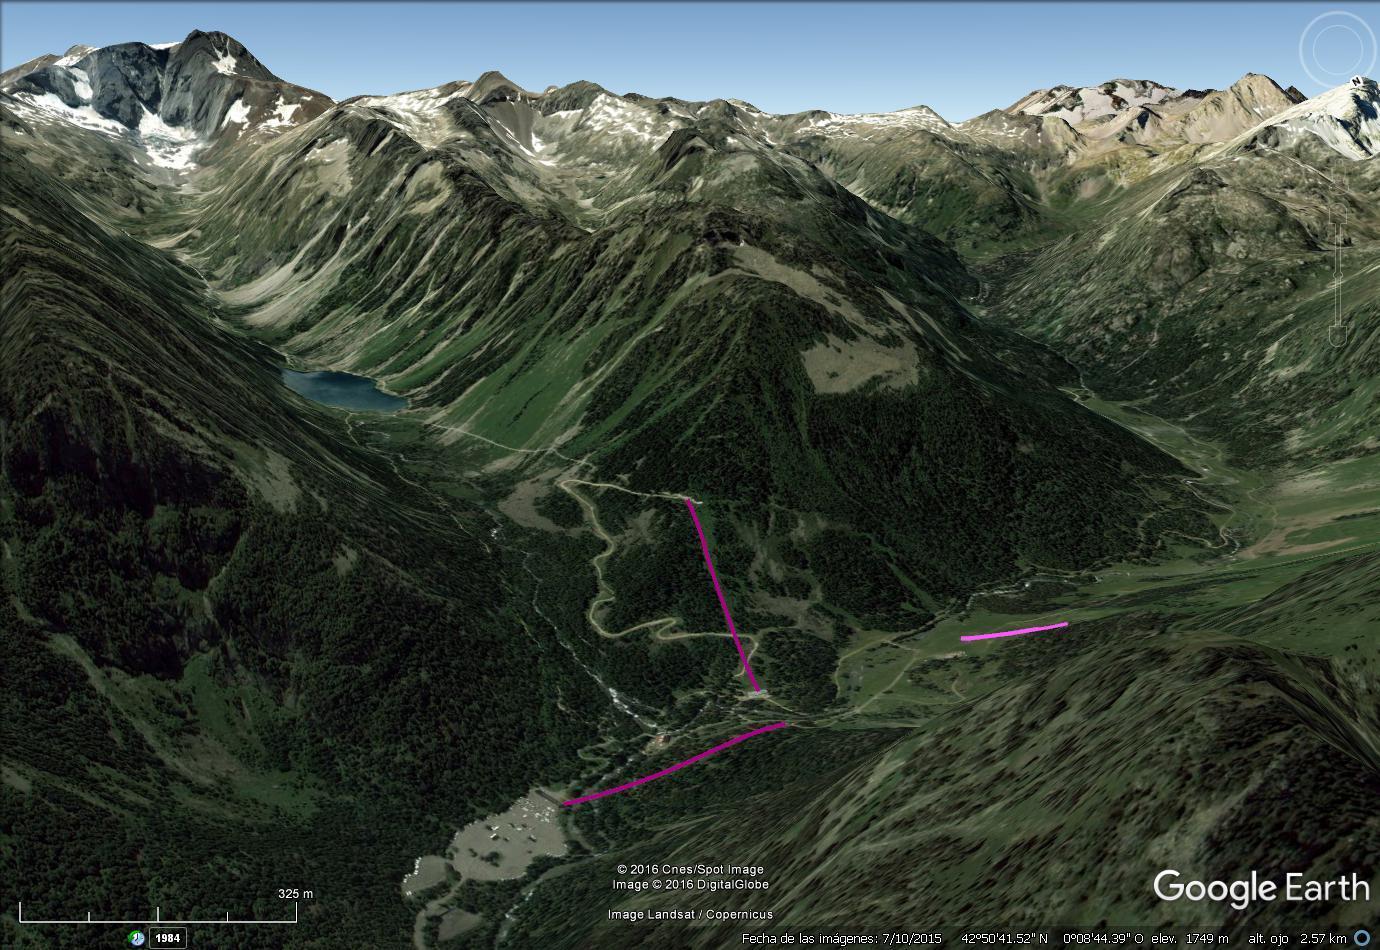 Vistas Google Earth Cauterets -Pont d' Espagne- 2016-17